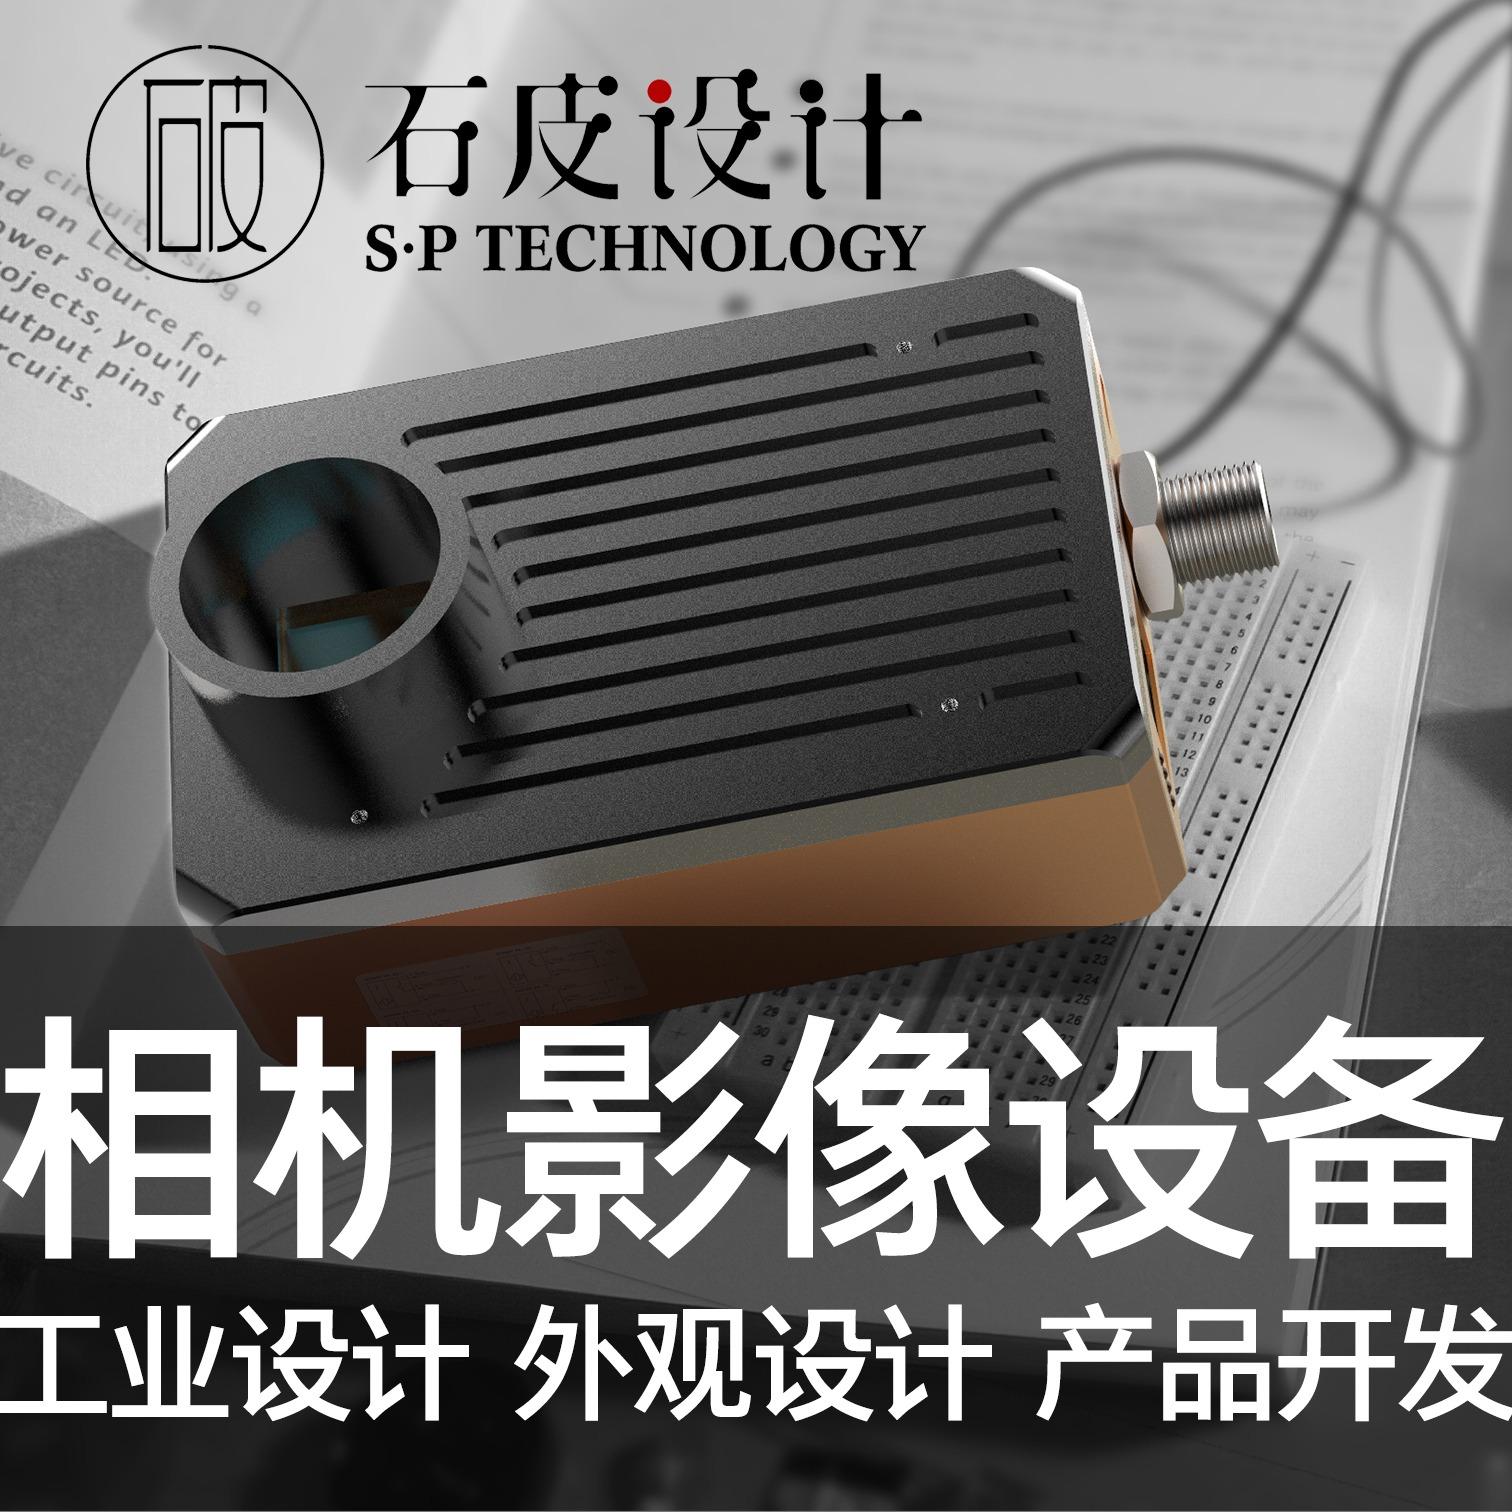 工业相机影像外观设计工业设计结构开发产品设计医疗产品外观设计